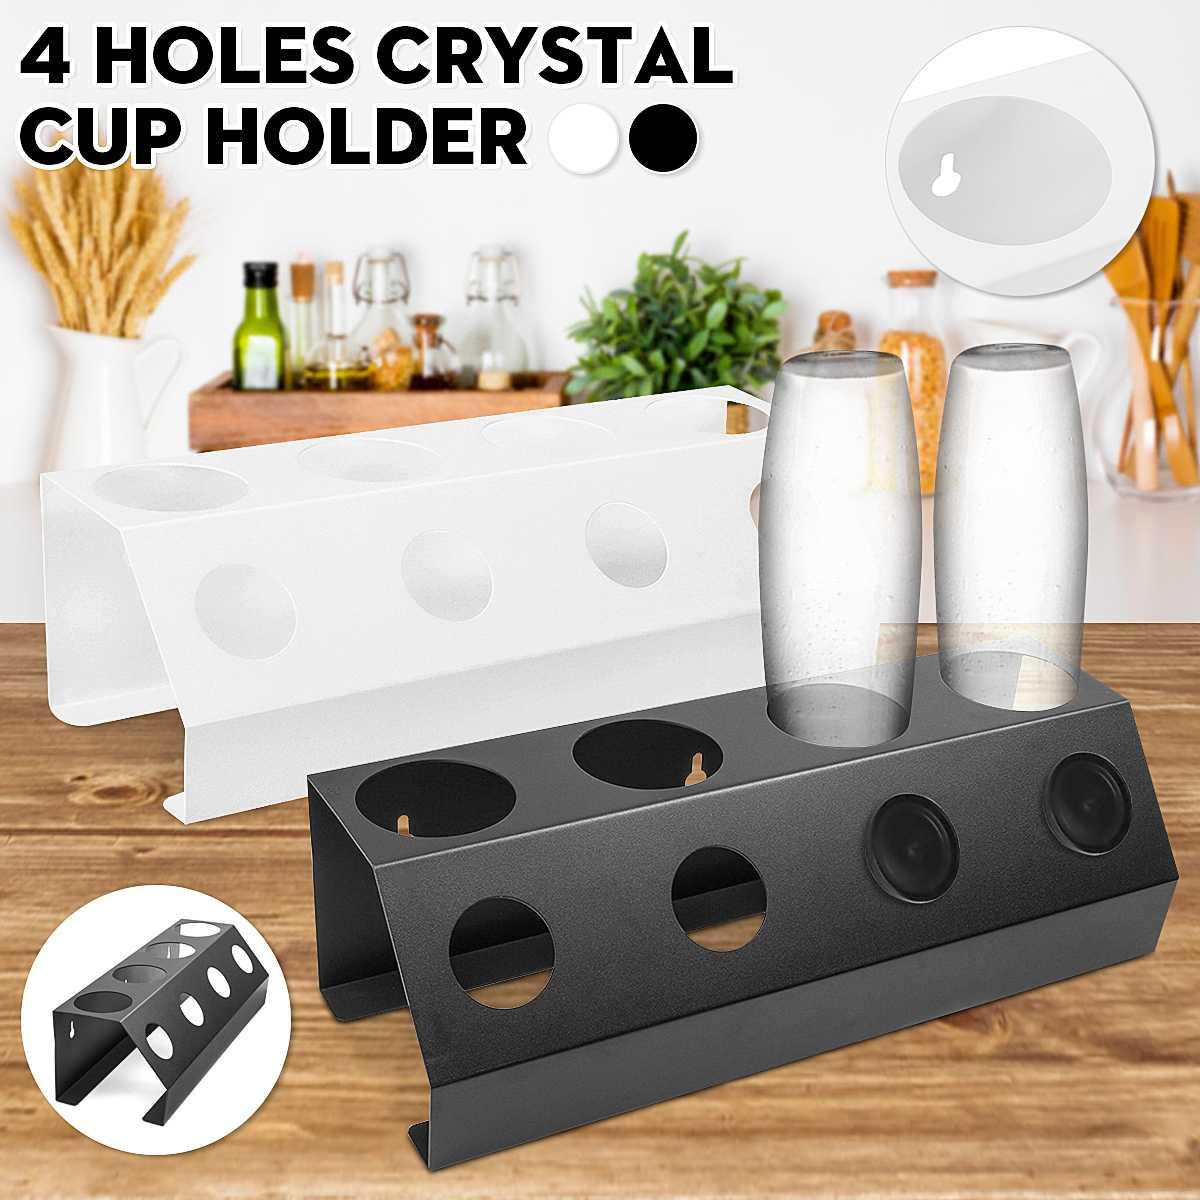 Support d/égouttement pour Crystal /Égouttoir pour bouteilles de cristal Fuse Volksheld Support pour bouteille en acier inoxydable Soda-Stream Support d/égouttement Easy Emil